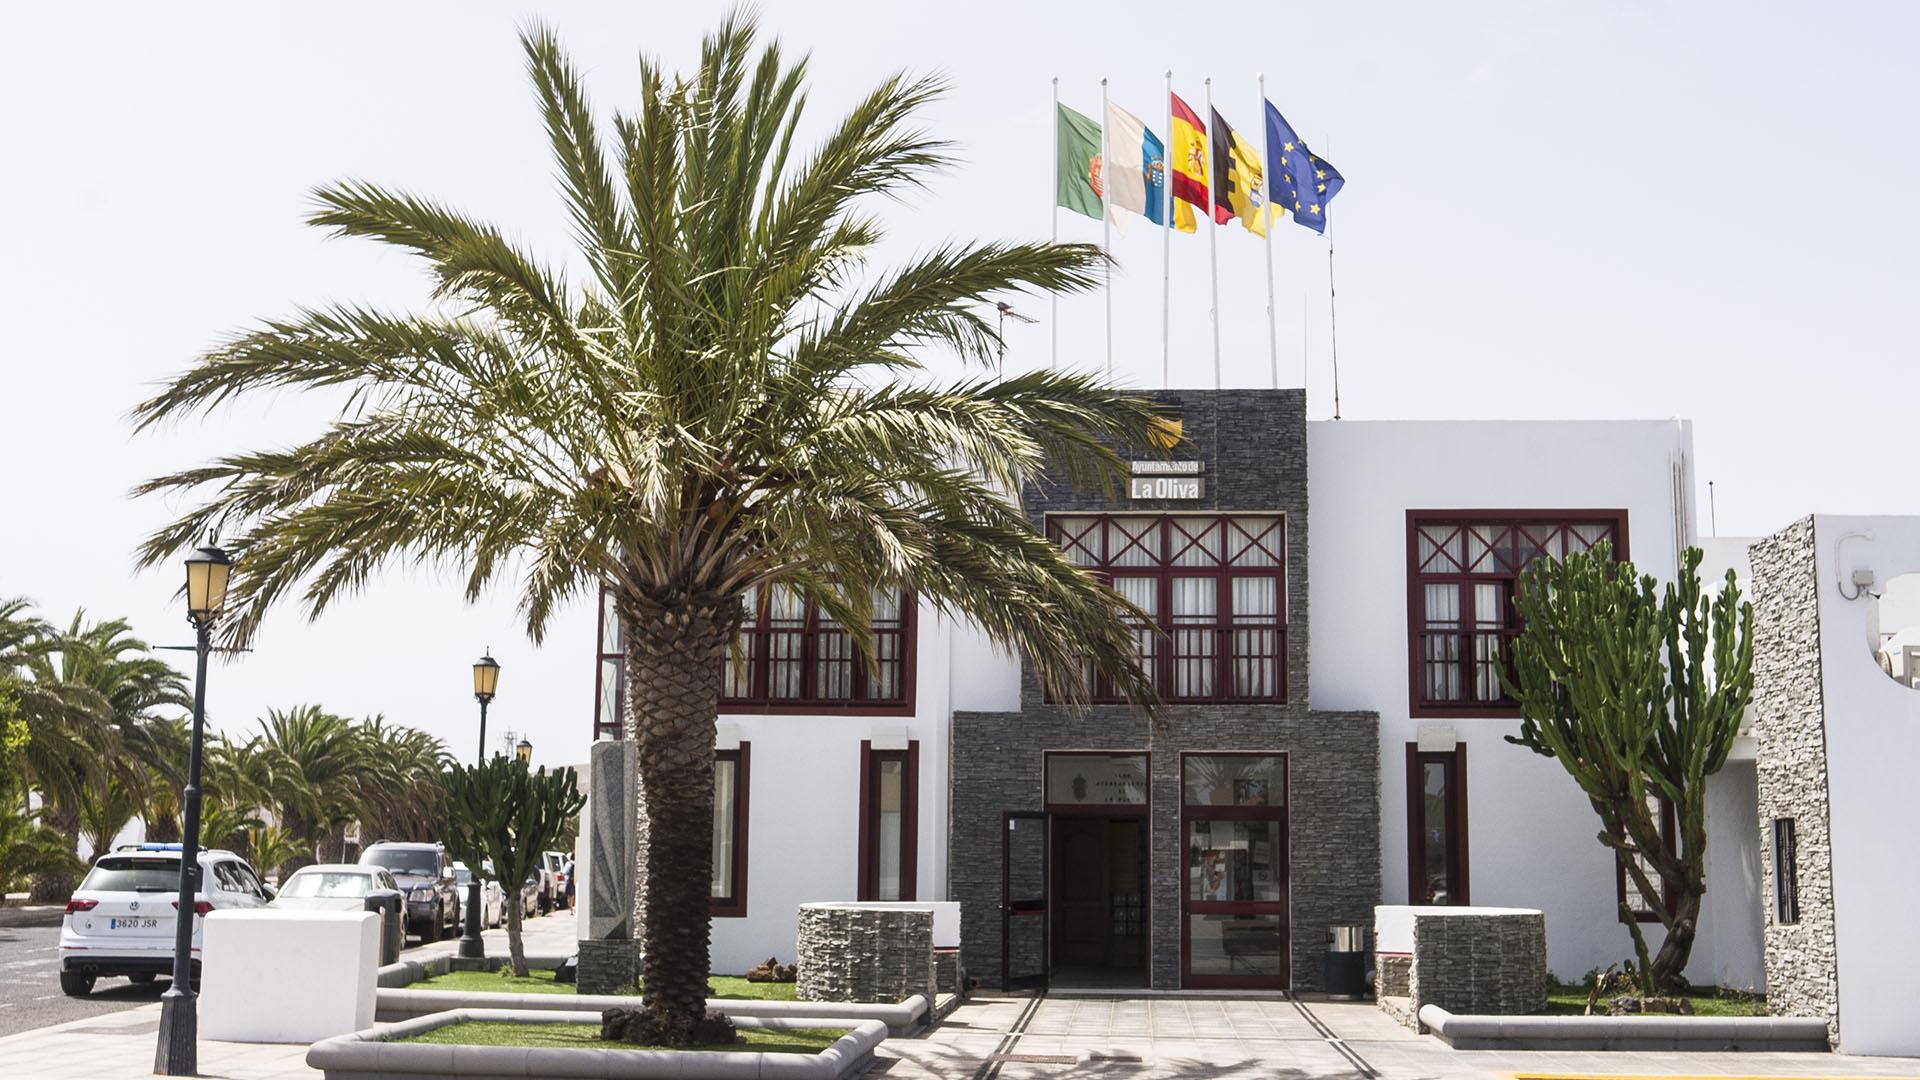 Der Ort La Oliva Fuerteventura.